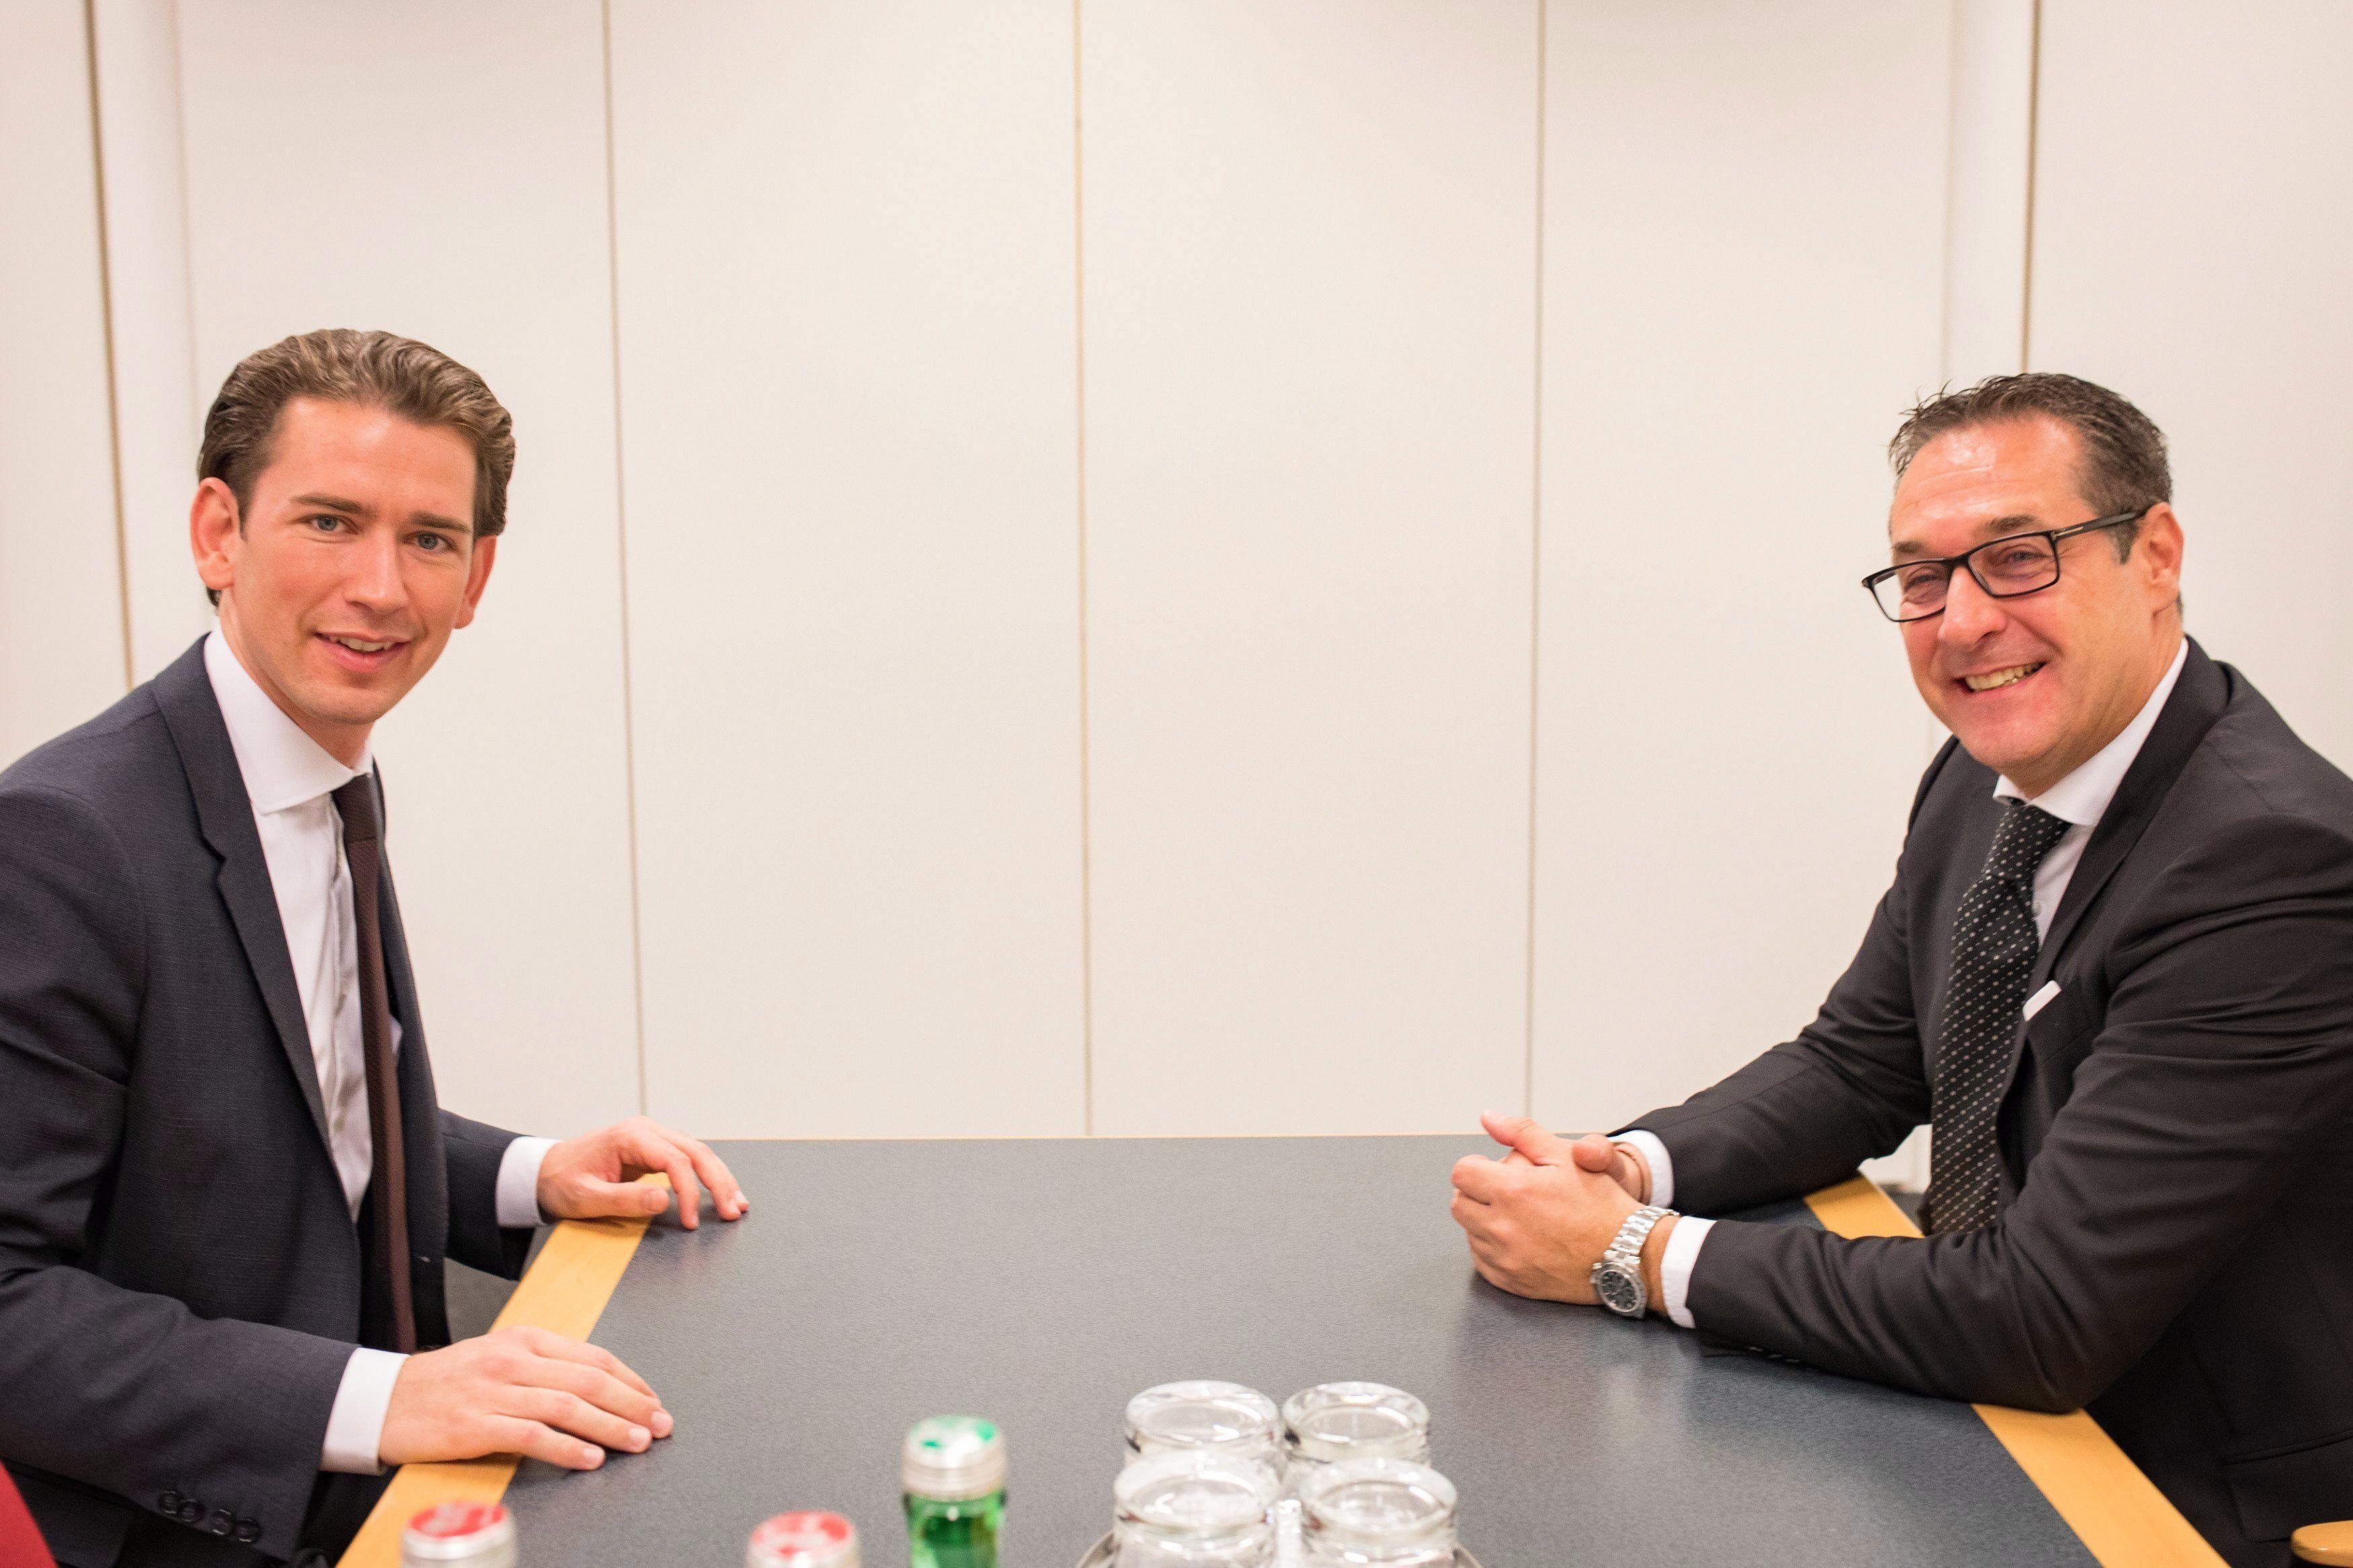 Bécs, 2017. október 21. A kormányalakítással megbízott Sebastian Kurz, a választásokon győztes Osztrák Néppárt (ÖVP) elnöke (b) és Heinz-Christian Strache, az Osztrák Szabadságpárt (FPÖ) elnöke tárgyal a bécsi Hofburgban 2017. október 21-én. Az eddig külügyminiszteri posztot betöltő Kurz pártja október 15-én nyerte meg a parlamenti választást. (MTI/EPA/Jakob Glaser)